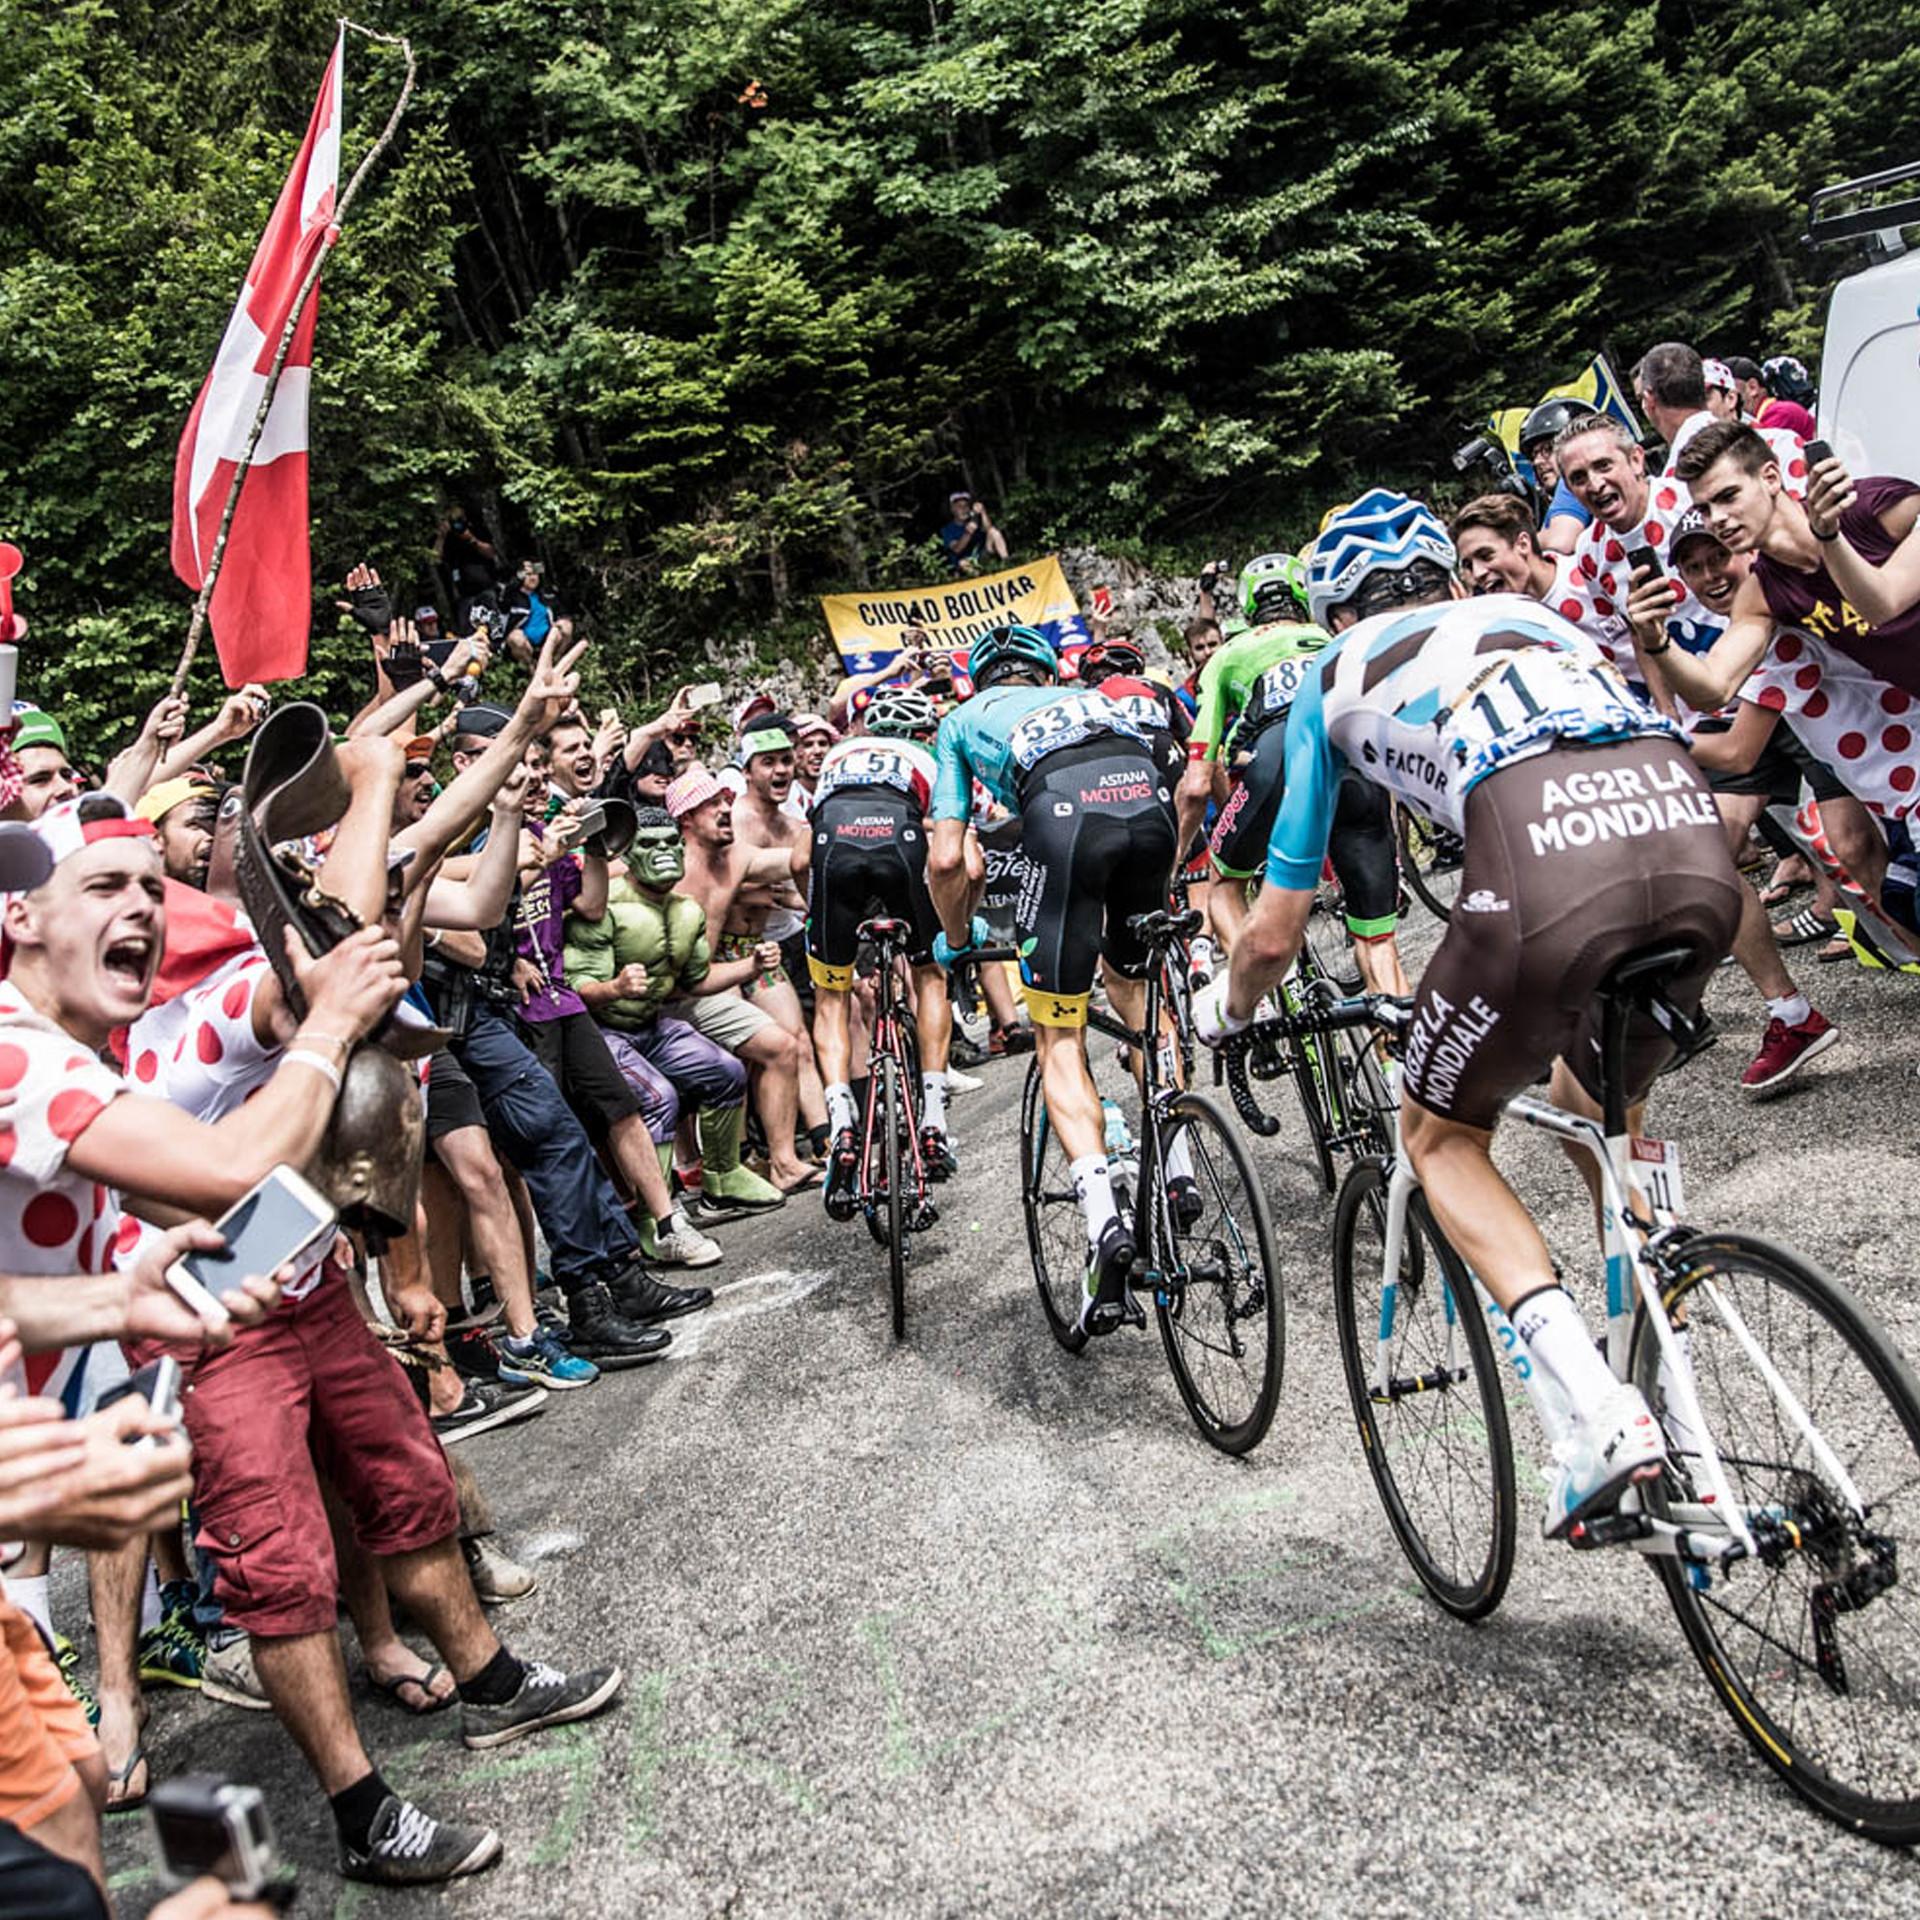 Chris Auld Race on a mountain